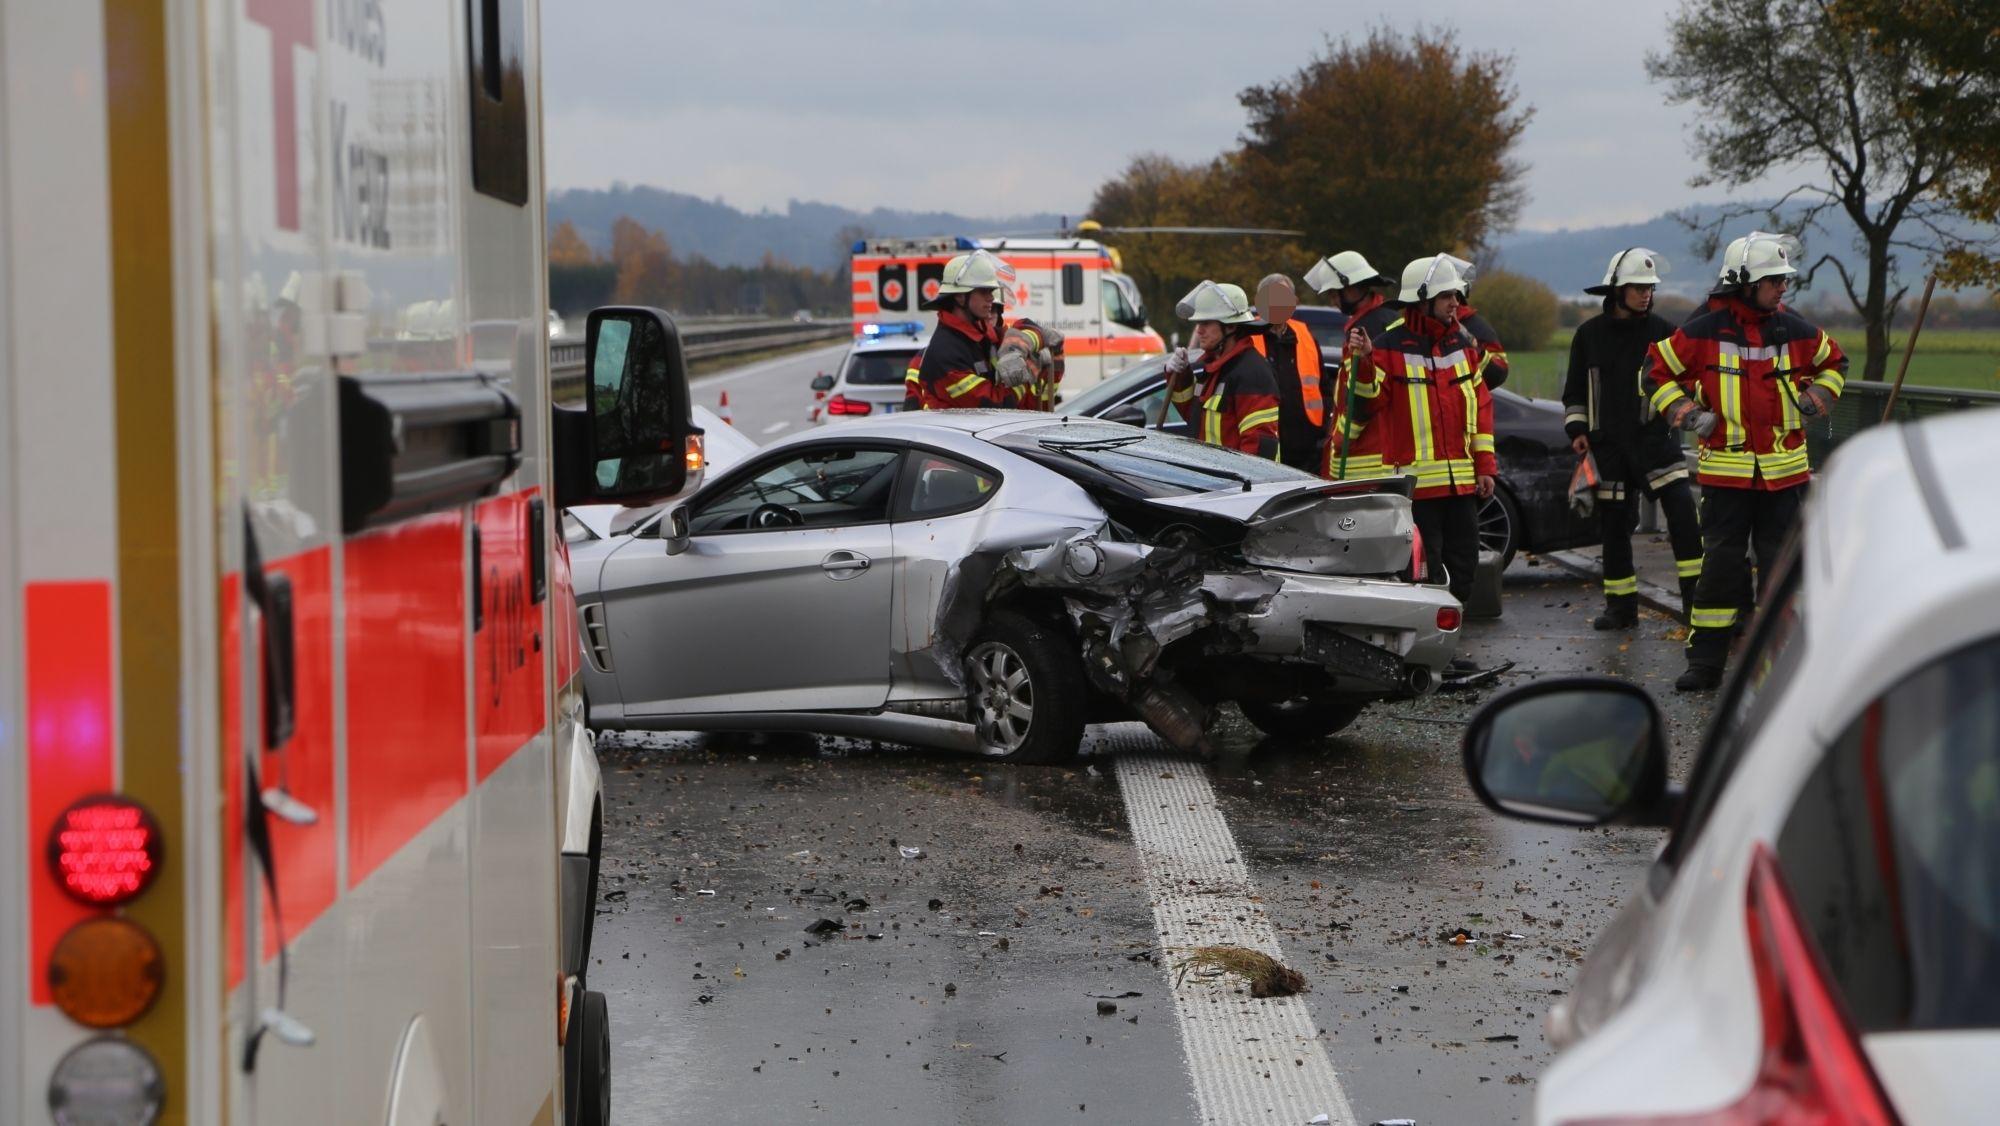 Zwei Schwerverletzte und drei kaputte Autos: So lautet die bisherige Bilanz des Unfalls auf der A7 bei Woringen im Landkreis Unterallgäu.